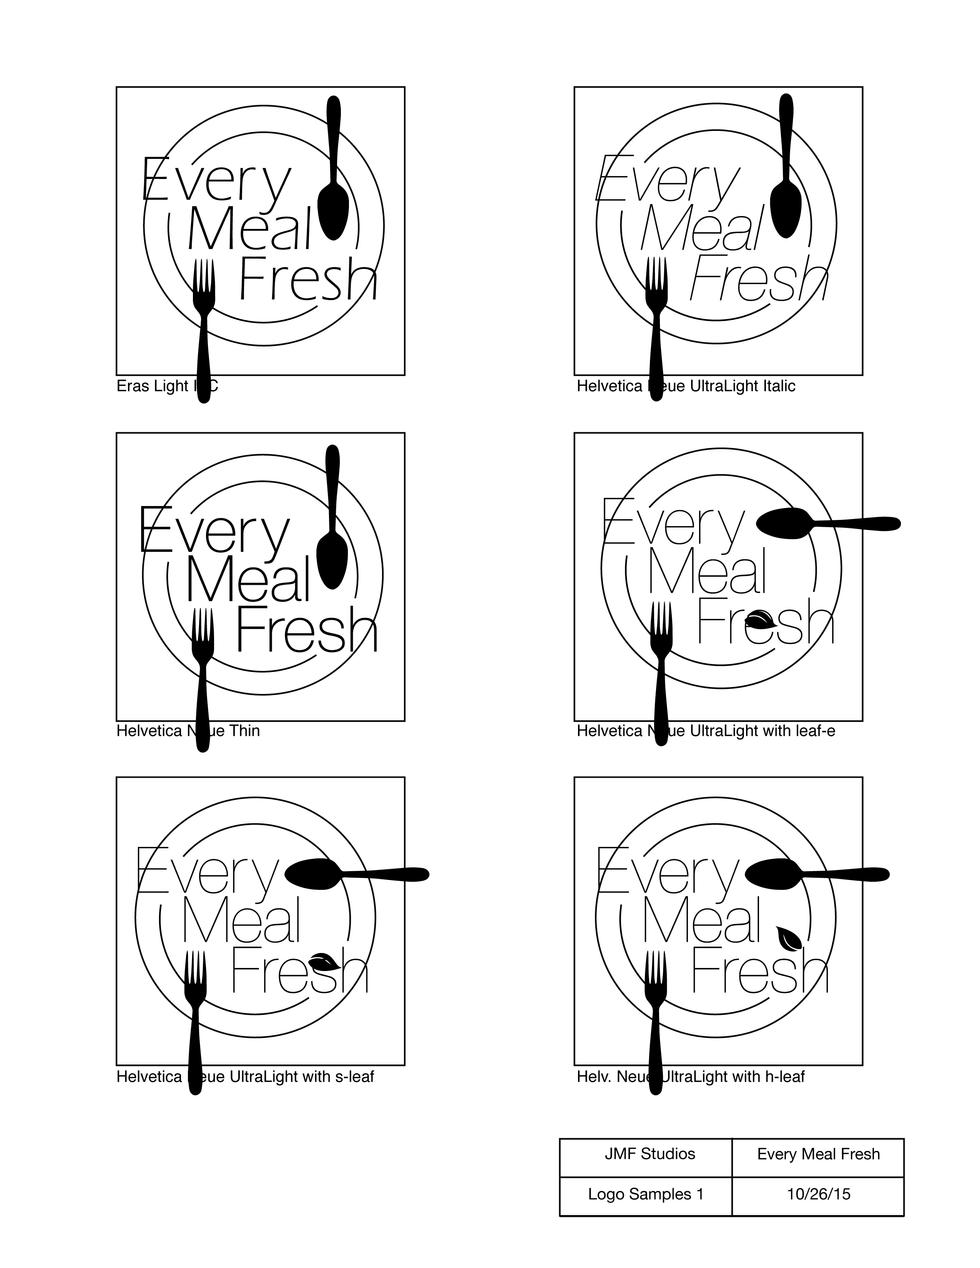 emf-thumbnail-sheet-03png